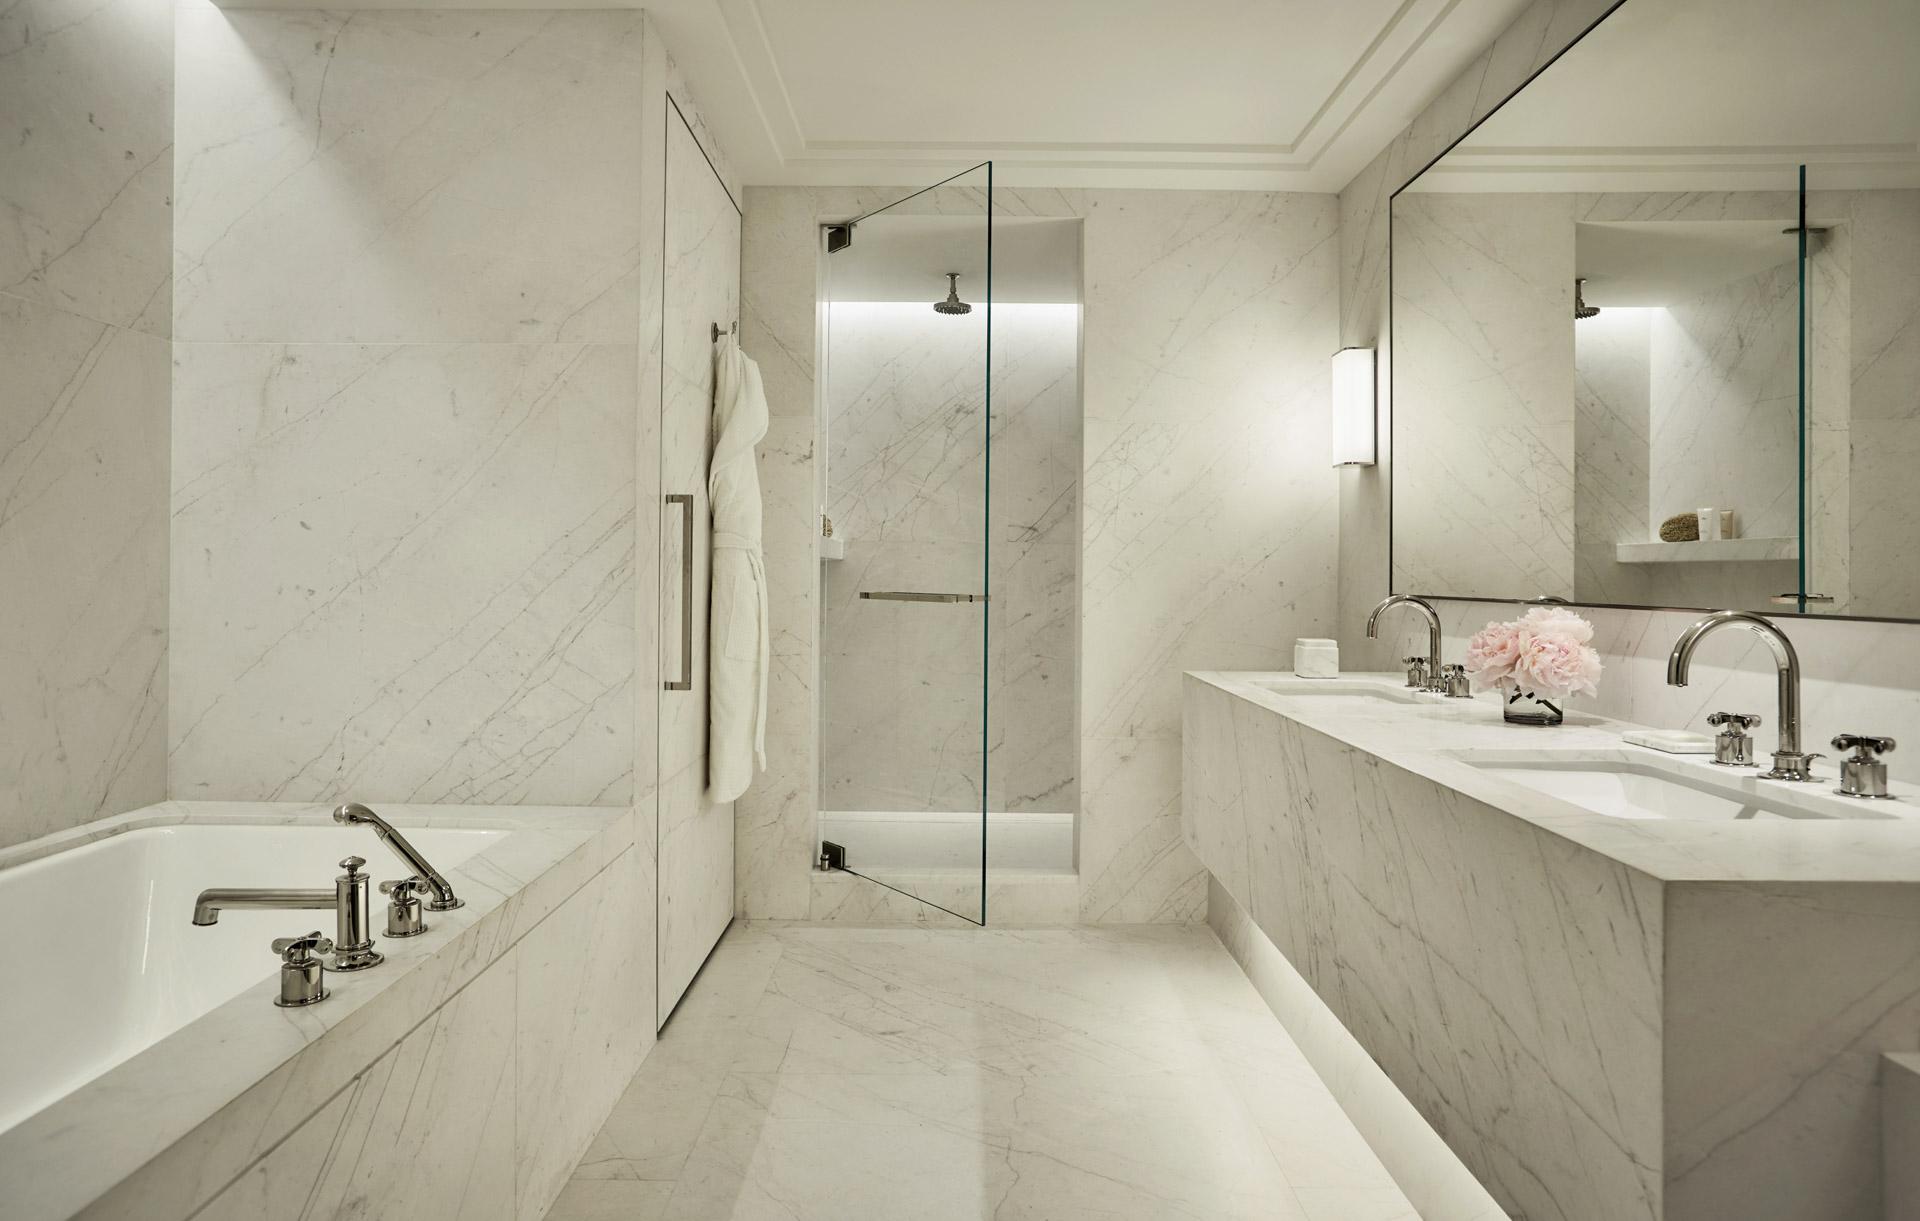 Lumineuses et luxueuses, le décor des chambres chambres évoqueAu cœur  « le passé, le présent et une allusion au futur »